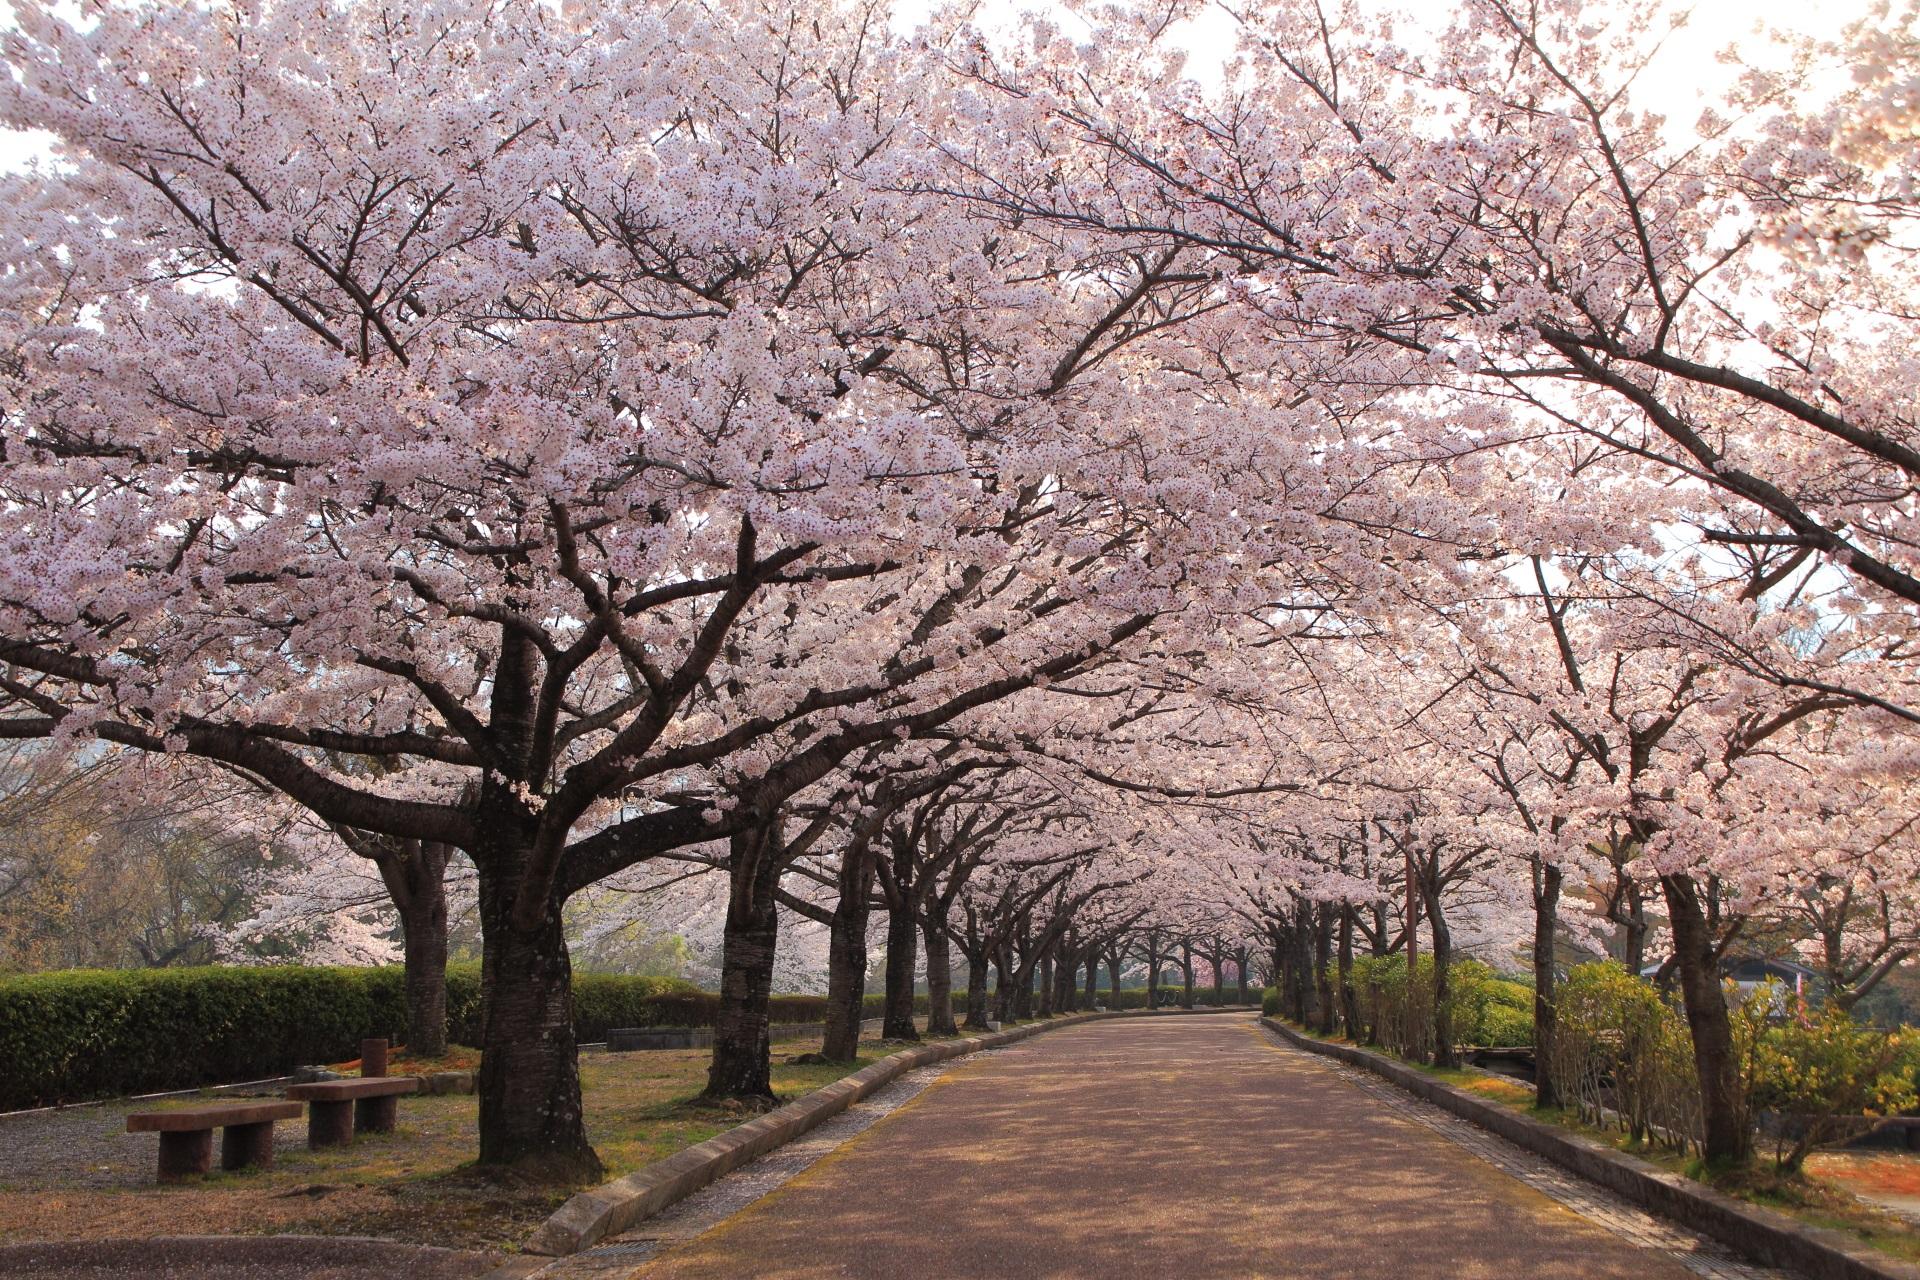 亀岡の桜の名所の和らぎの道